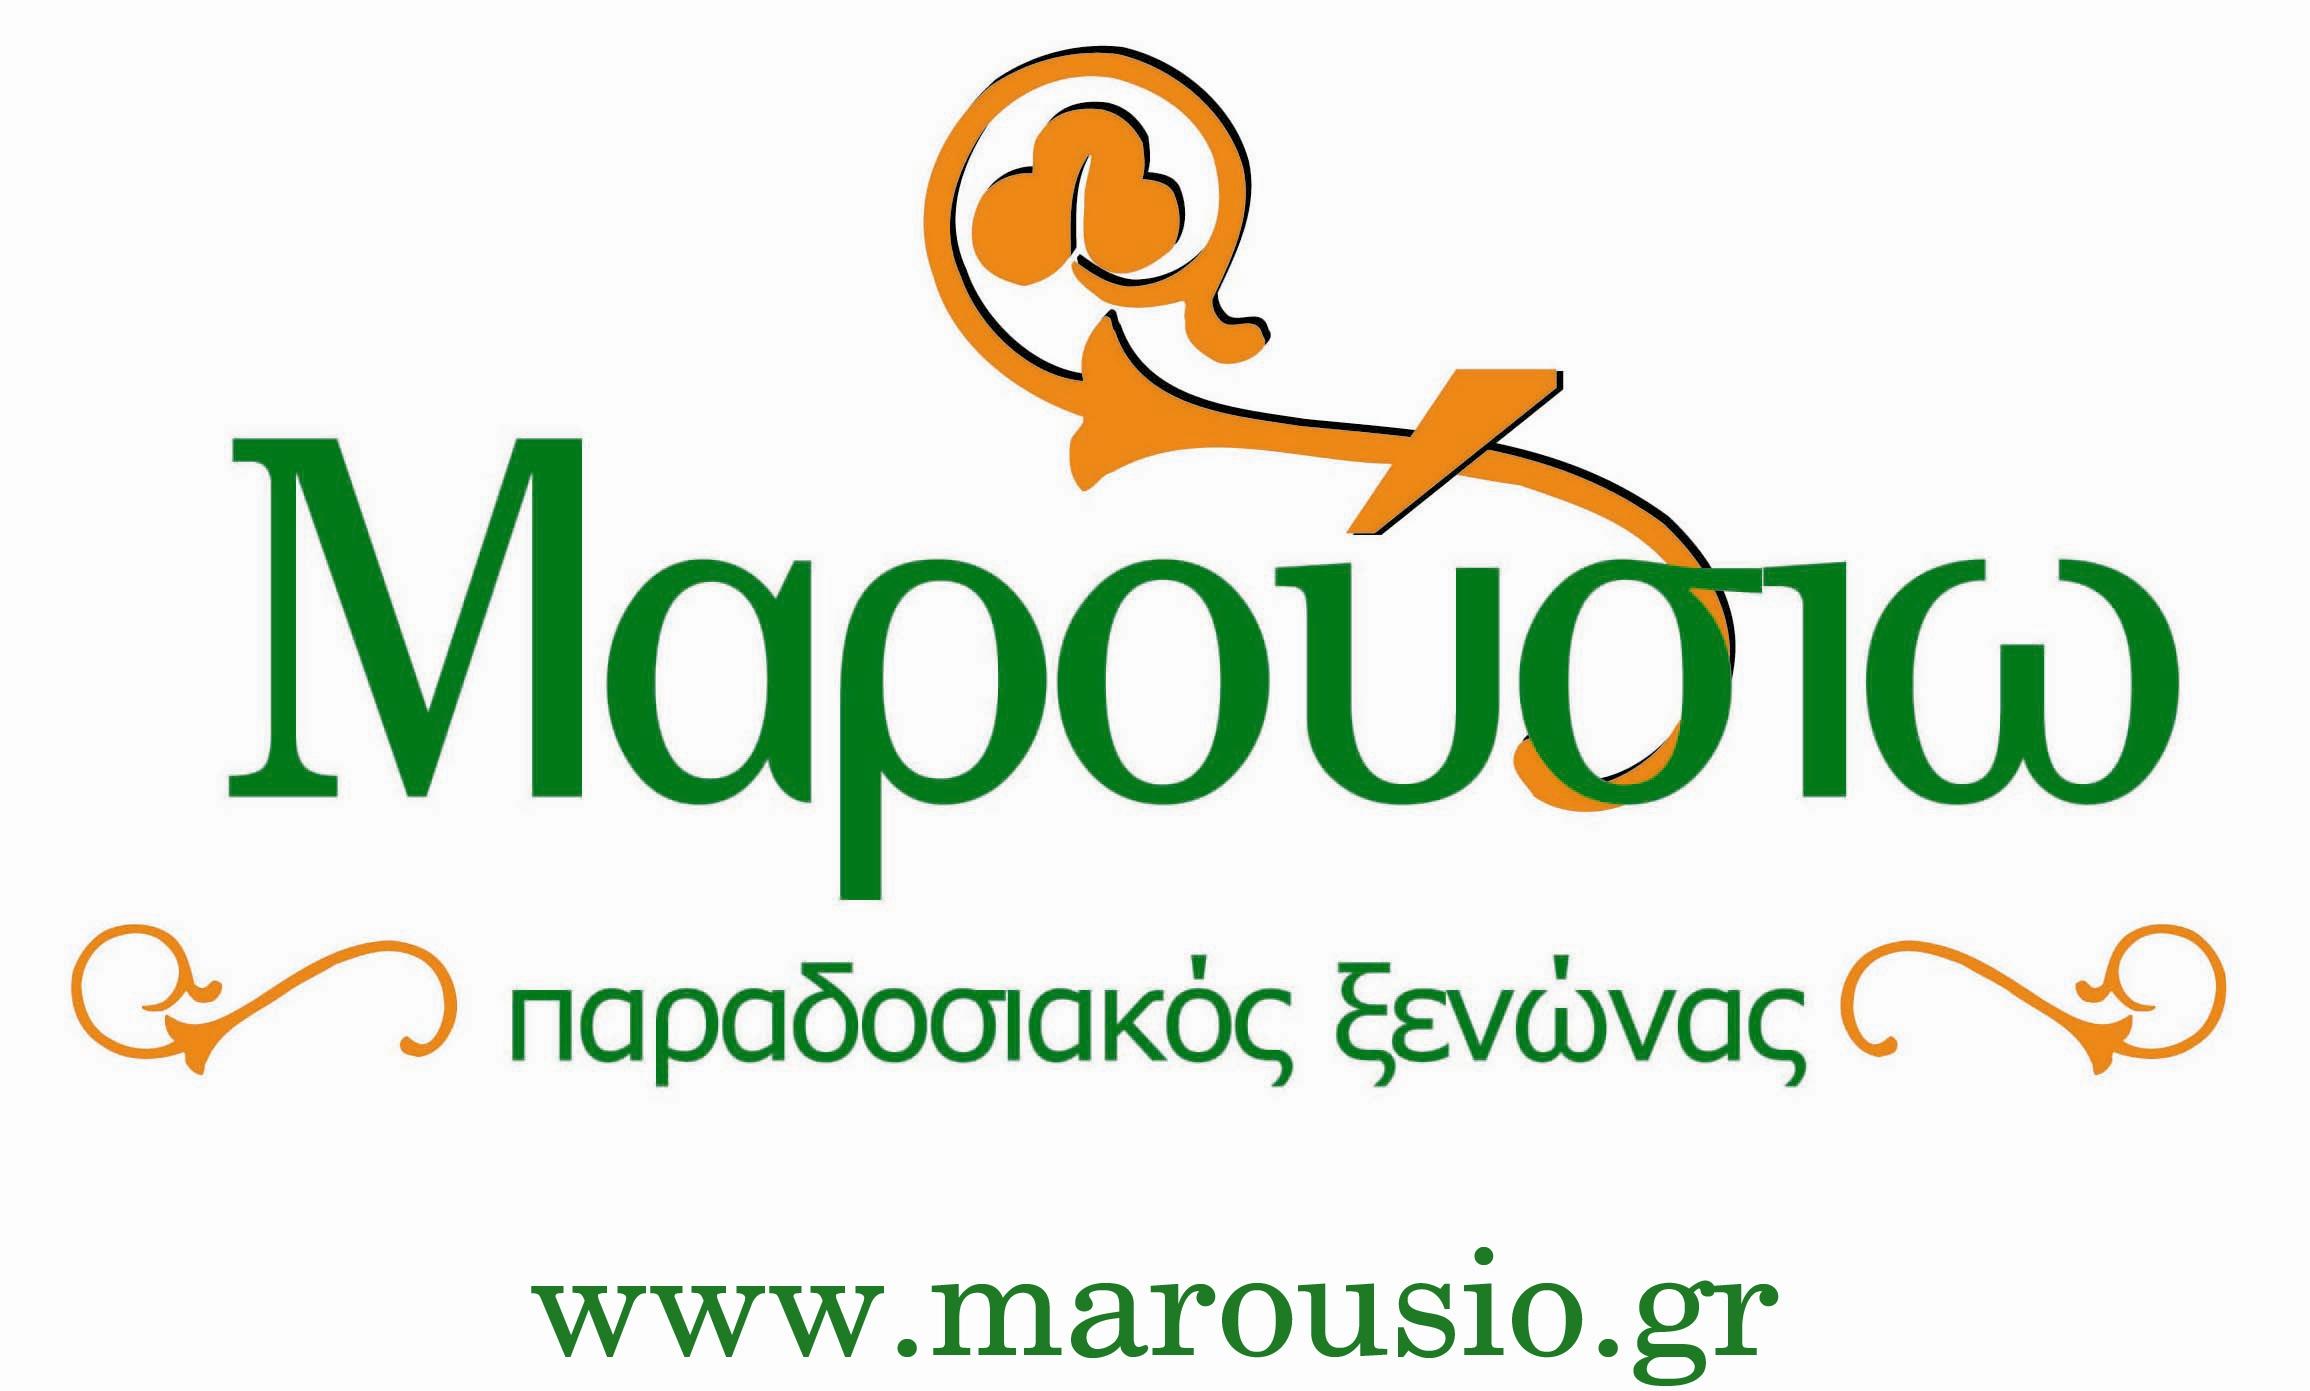 marousio_logo